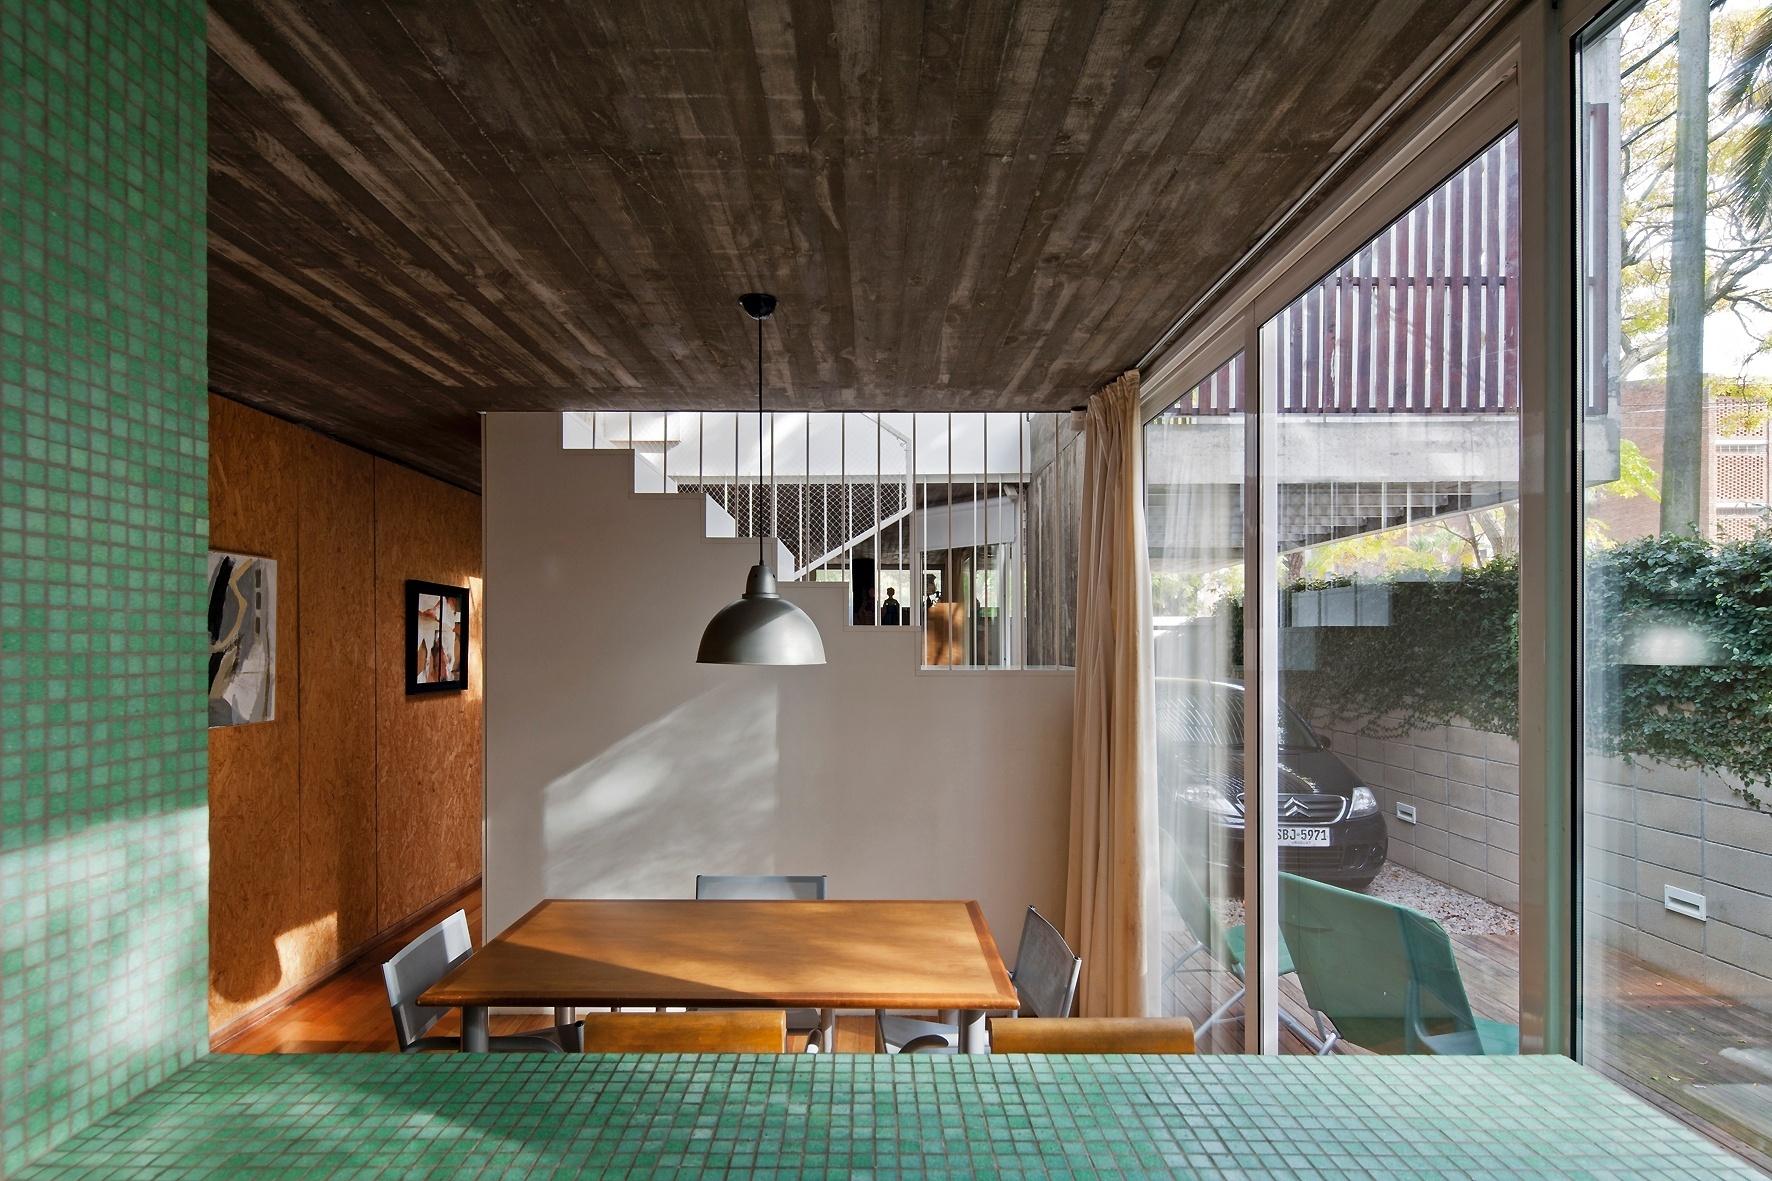 A cozinha americana se comunica com o jantar (ao fundo) por uma bancada alta, revestida por pastilhas verdes, e o jantar está integrado ao deck externo, por portas de correr (à dir.) que criam continuidade para o ambiente social. Nas paredes, o revestimento em OSB 'quebra' a frieza da laje de concreto exposta. A Casa Buceo tem projeto dos arquitetos Marcelo e Martín Gualano e fica em Montevidéu, Uruguai